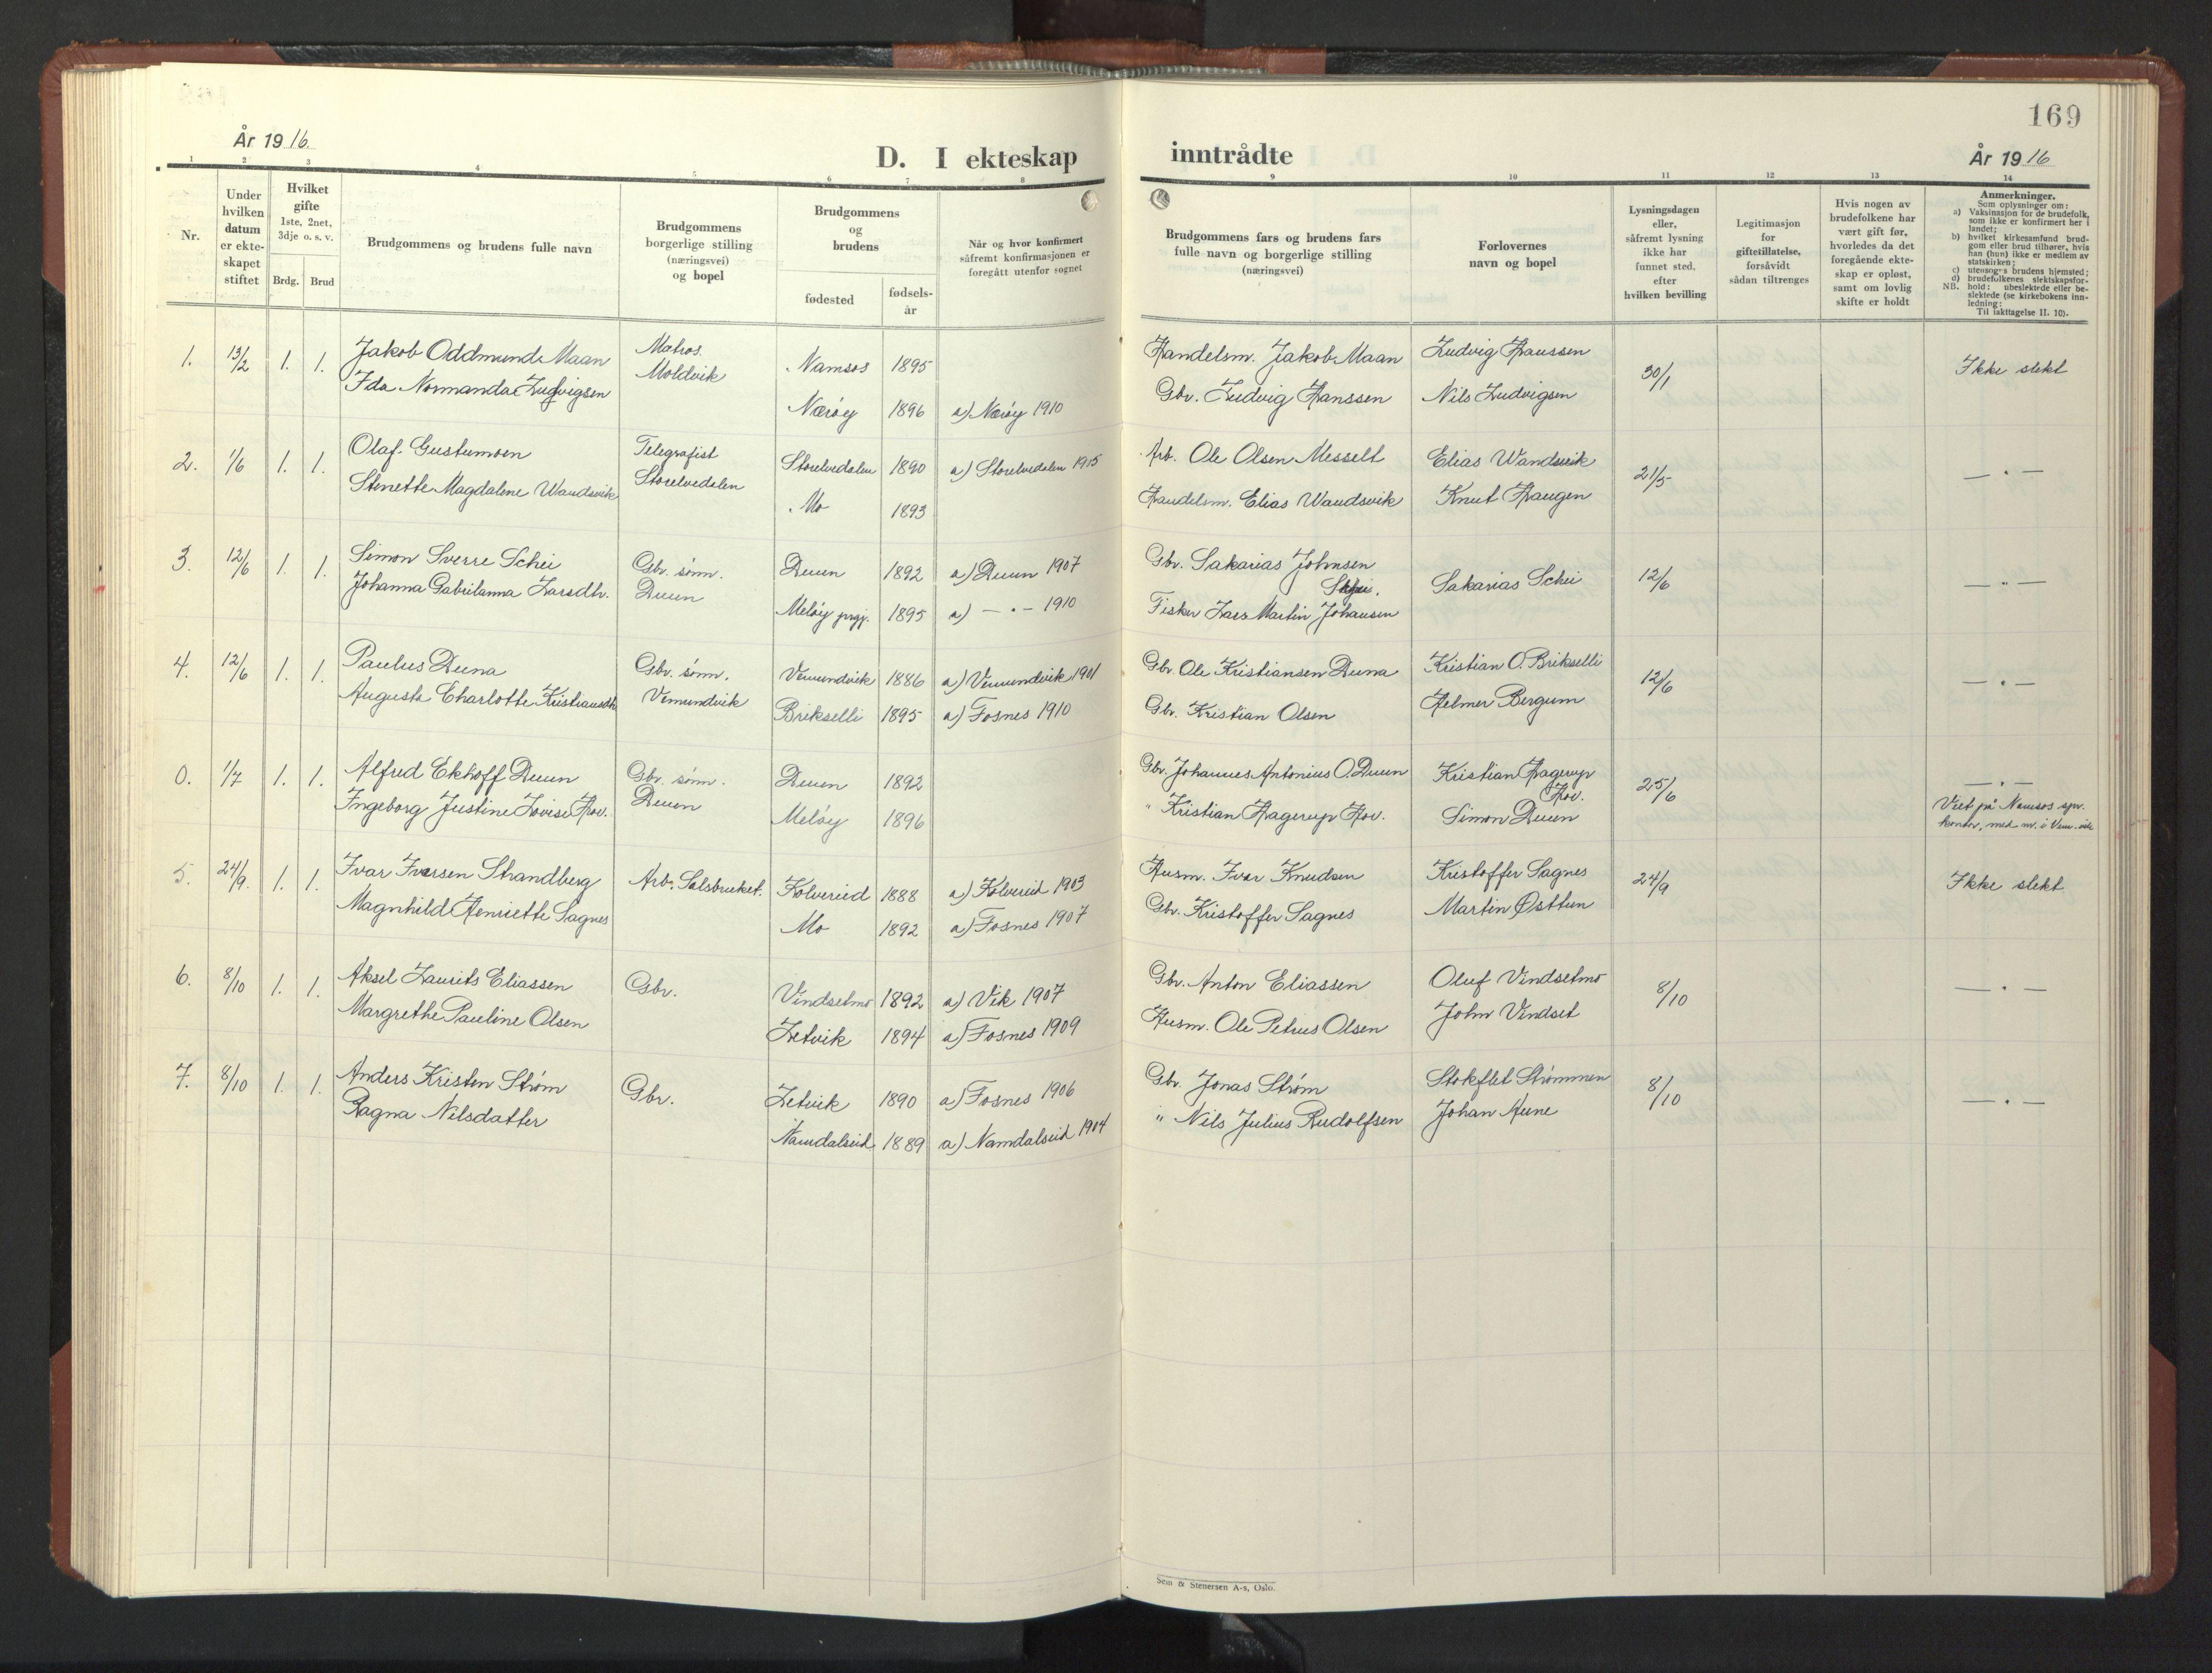 SAT, Ministerialprotokoller, klokkerbøker og fødselsregistre - Nord-Trøndelag, 773/L0625: Klokkerbok nr. 773C01, 1910-1952, s. 169